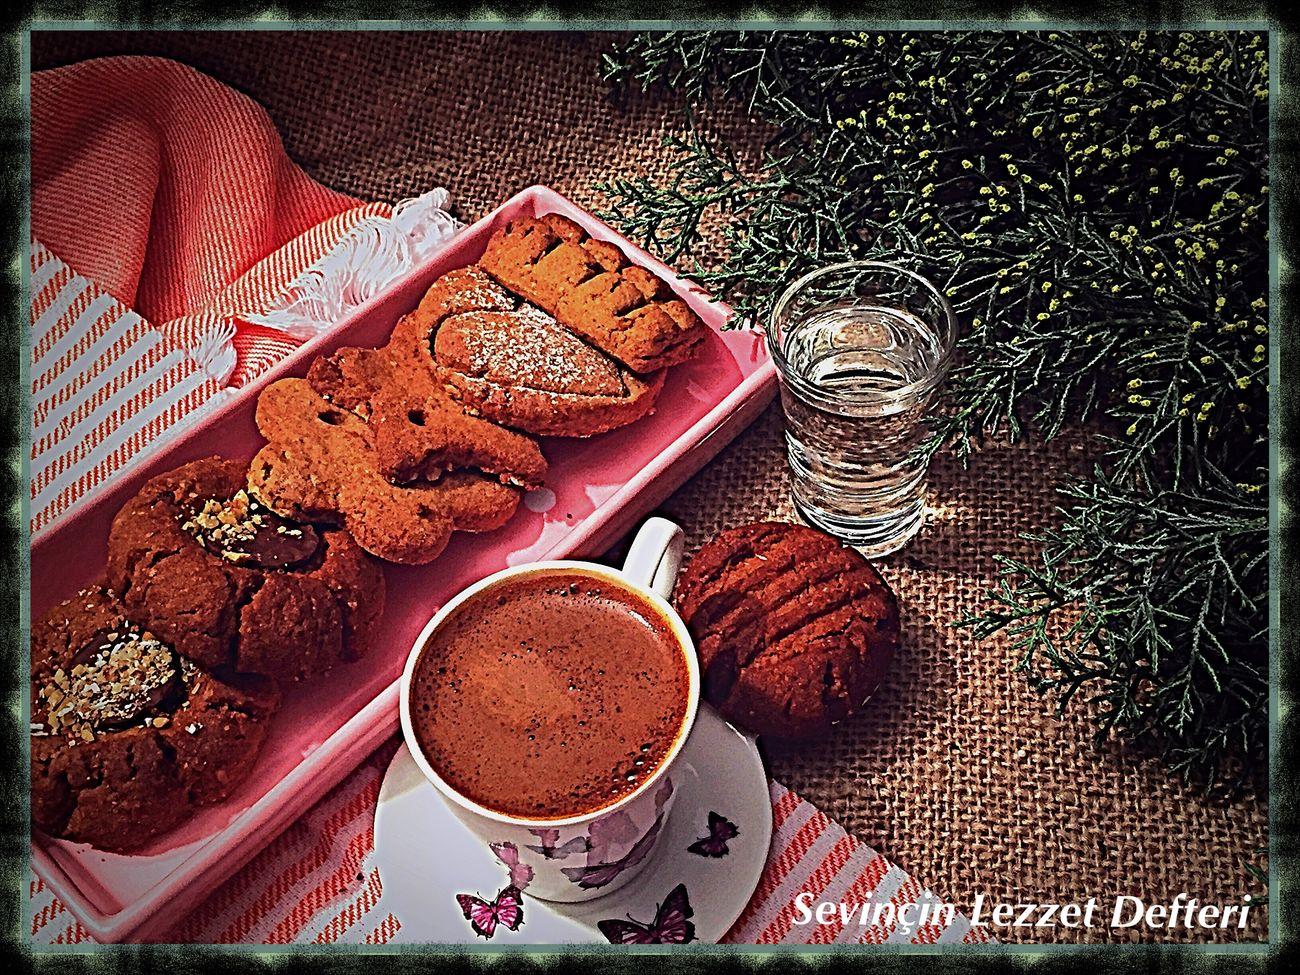 Damlasakızlı Türk Kahvesi ile kurabiyeler 🍪 harika oluyor 😋👌🏿😍👍🏿 Food Food And Drink Damlasakızlı Türk Kahvesi Kahve Dessert Drink SevinçinLezzetDefteri JoysTasteBook Lezzet Küpü SevinçYiğitArabacı EyeEm Gallery EyeEm Best Shots Istanbul Turkey Like4like Foodblog Kurabiye Kurabiyecanavarı Yummy Cookies